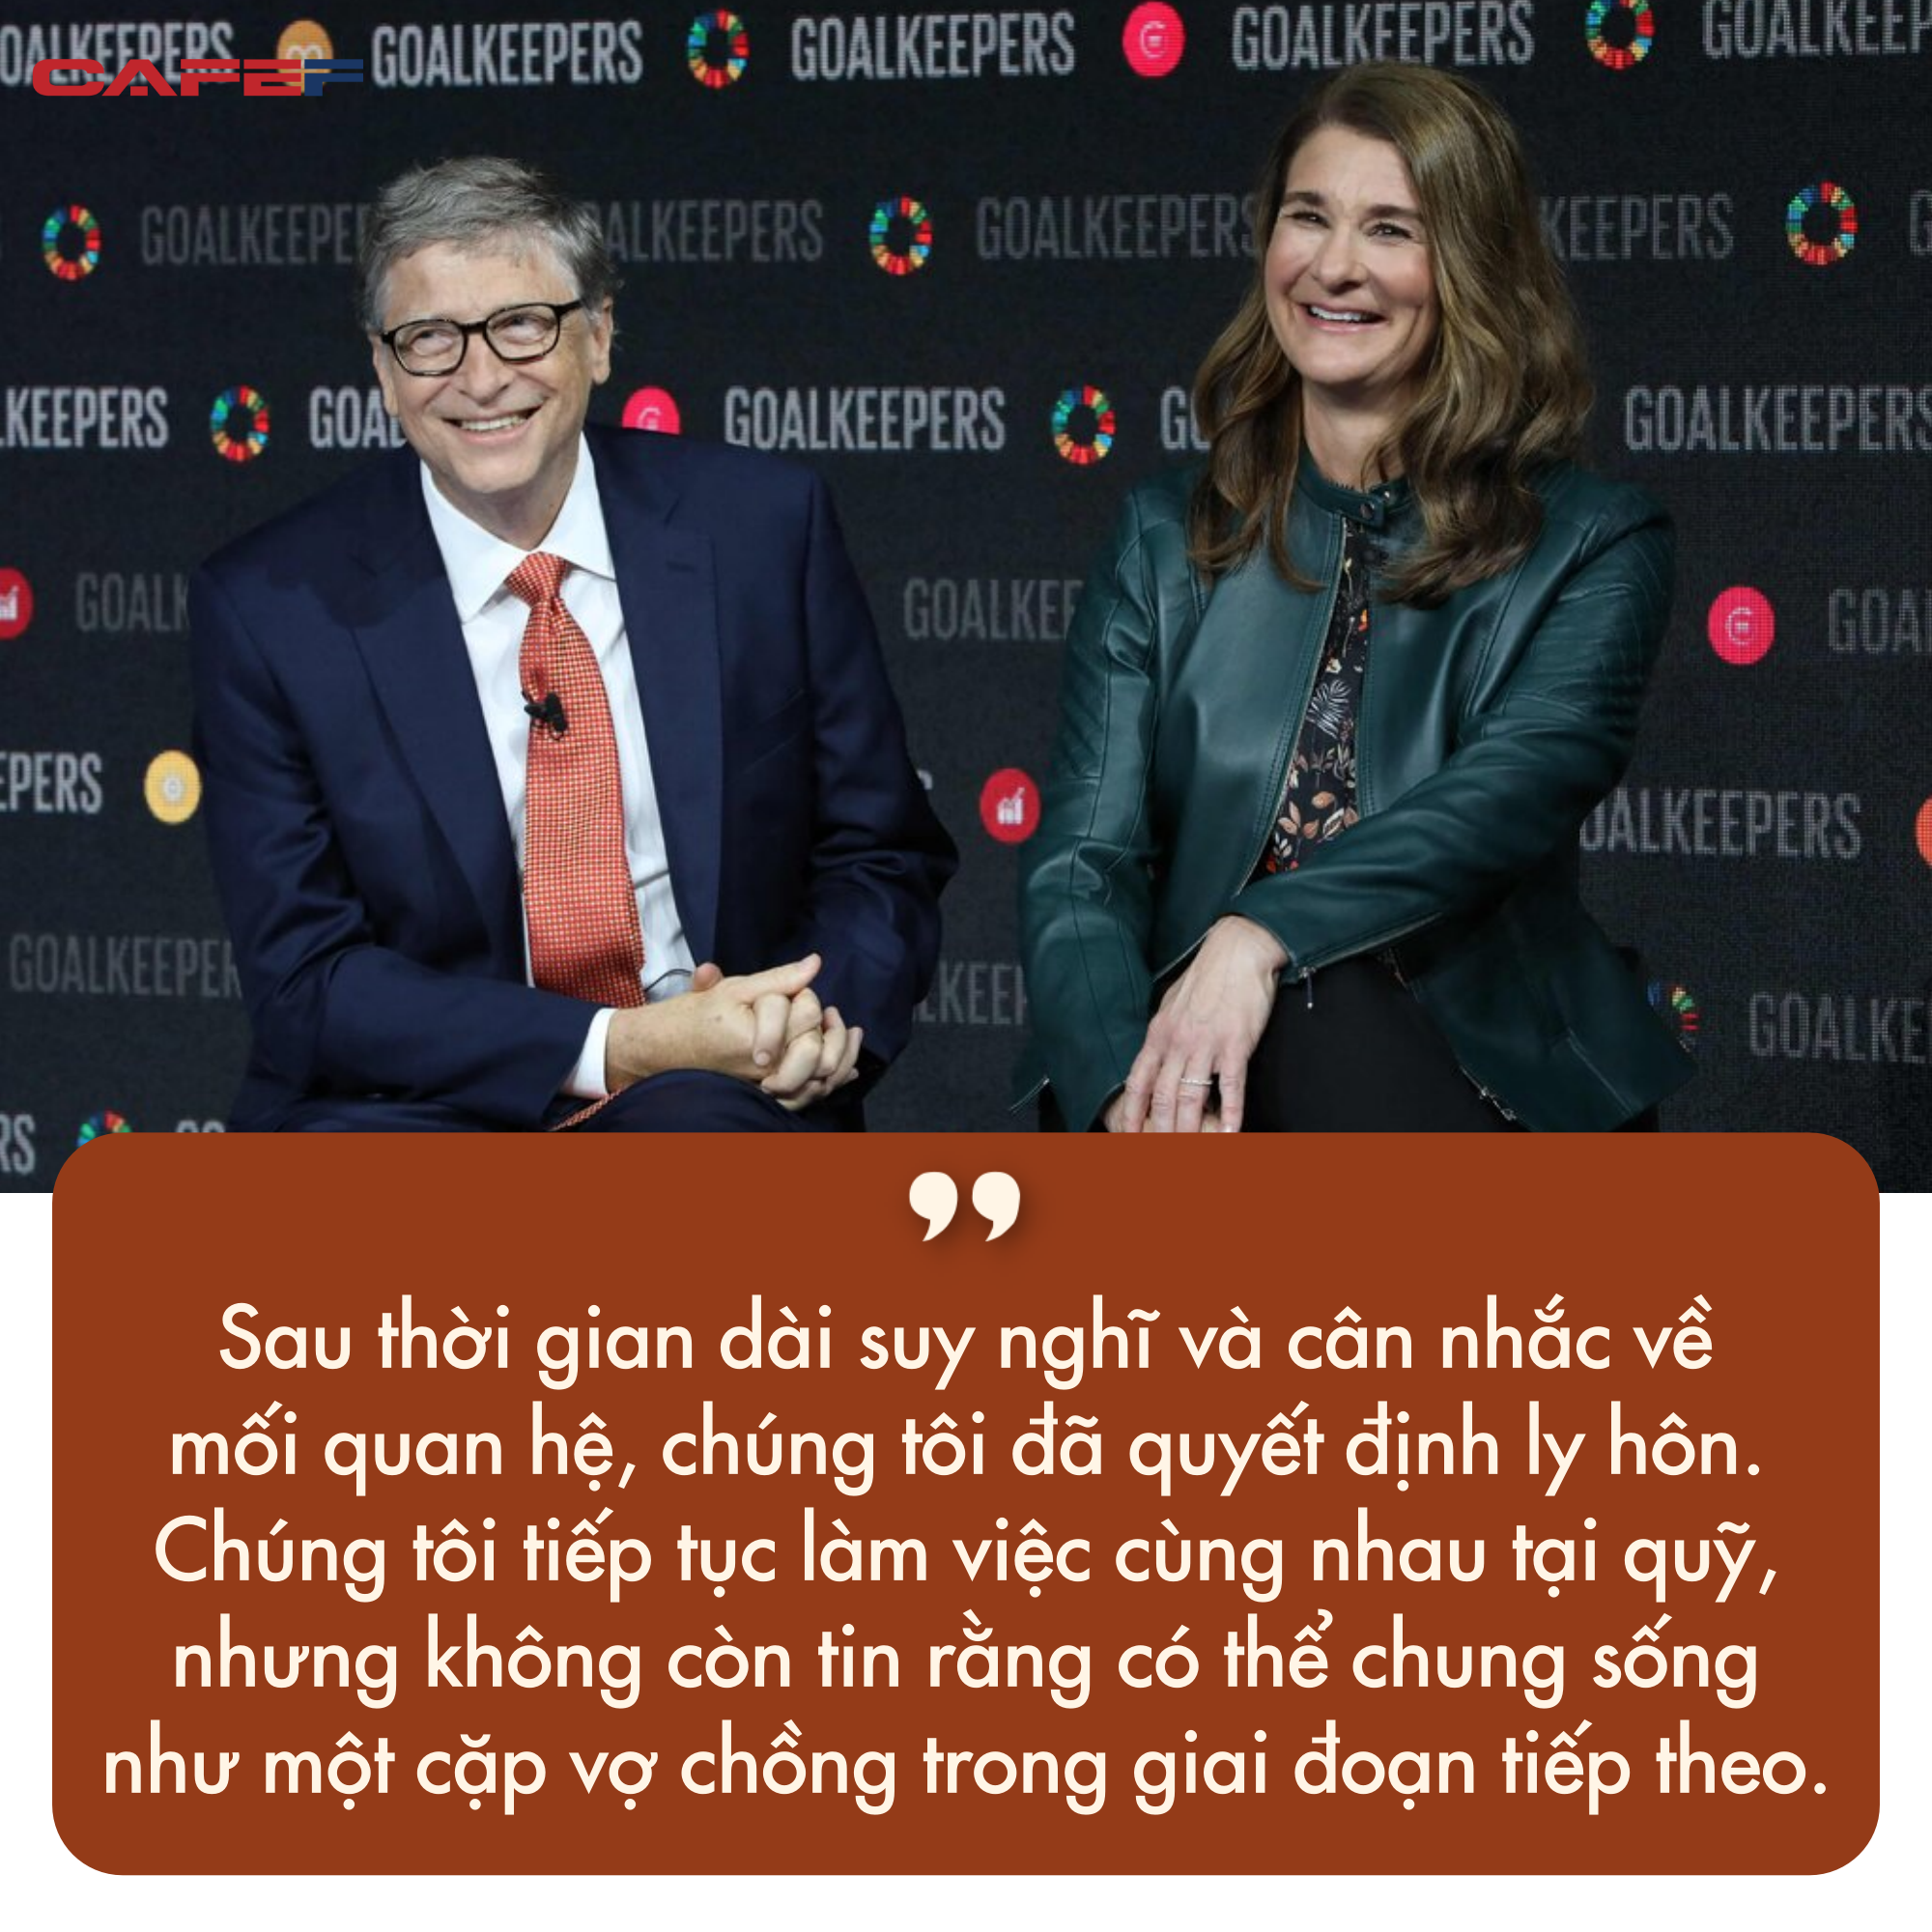 Không có hợp đồng tiền hôn nhân, Bill Gates sẽ mất một nửa trong số tài sản hơn 120 tỷ USD sau khi ly hôn? - Ảnh 2.